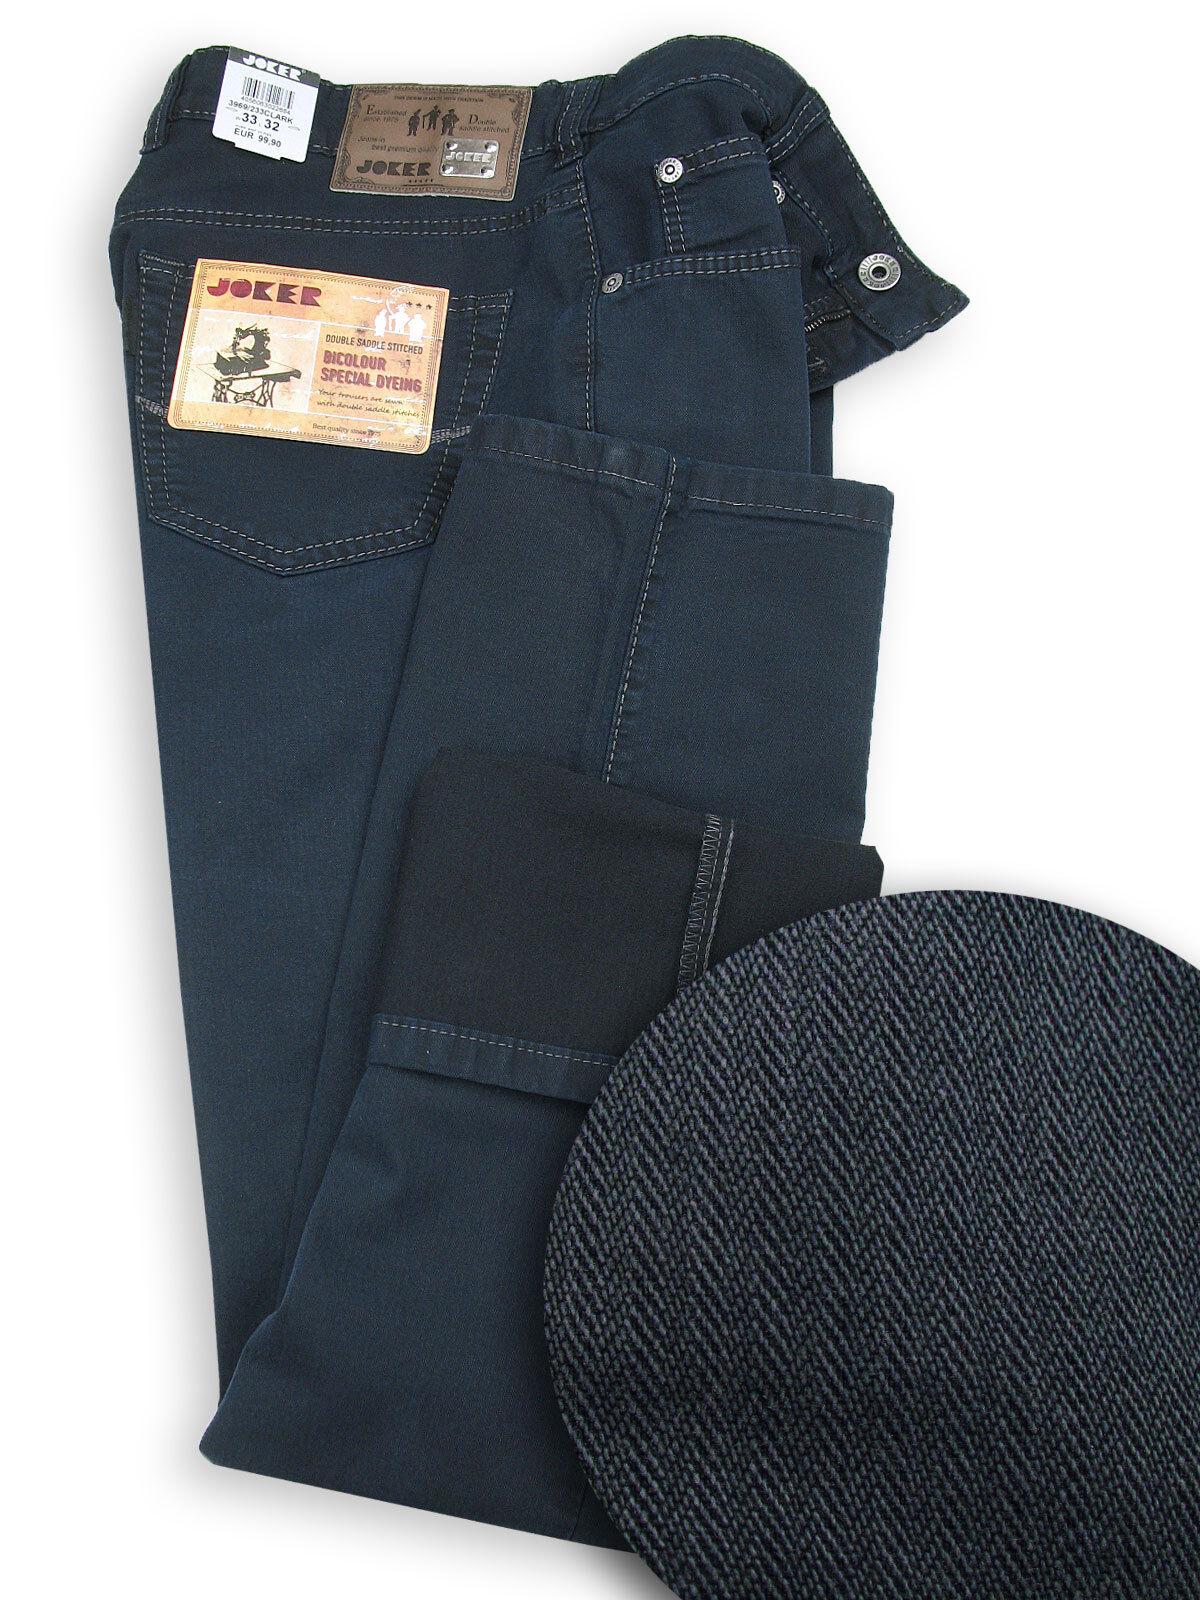 JOKER Herren Jeans   Clark ( Easy Comfort Fit ) dunkelblau Strukturbaumwolle    Niedrige Kosten    eine große Vielfalt    Wirtschaft